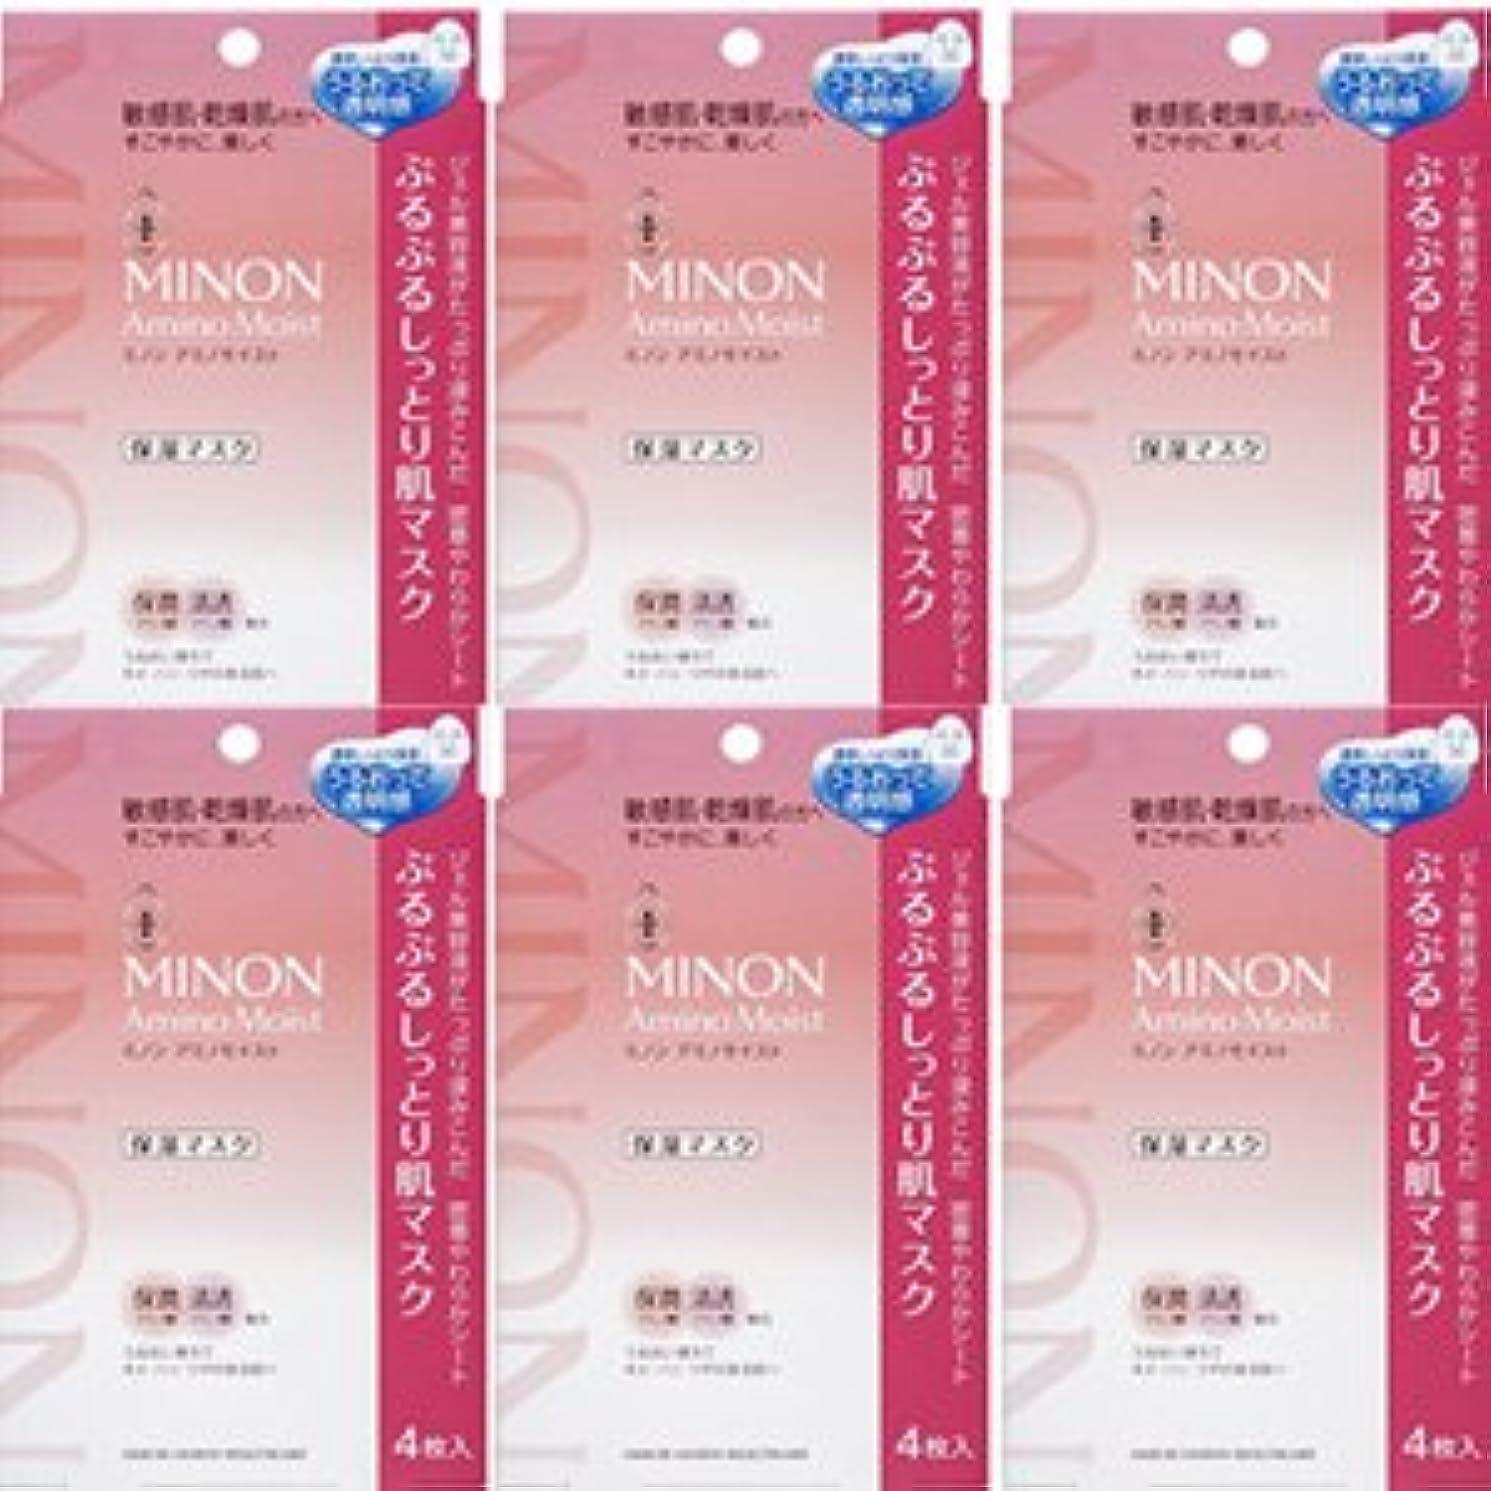 【6個】ミノン アミノモイスト ぷるぷるしっとり肌マスク 22mL×4枚入x6個(4987107616647)